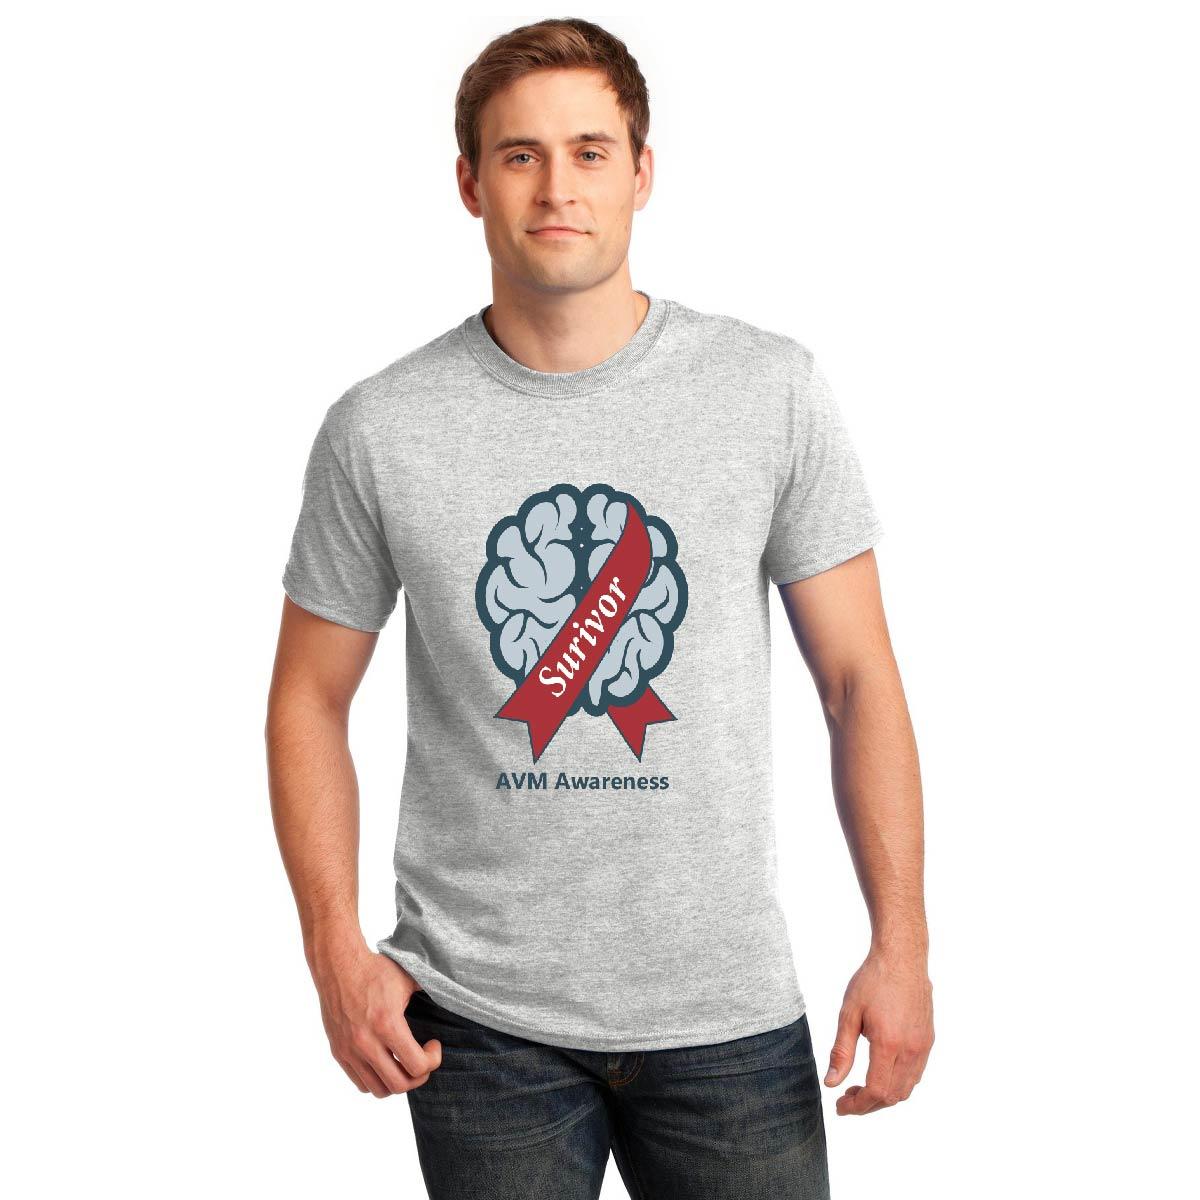 http://www.joeniekrofoundation.com/apparel/attachment/survivor-shirt-image/